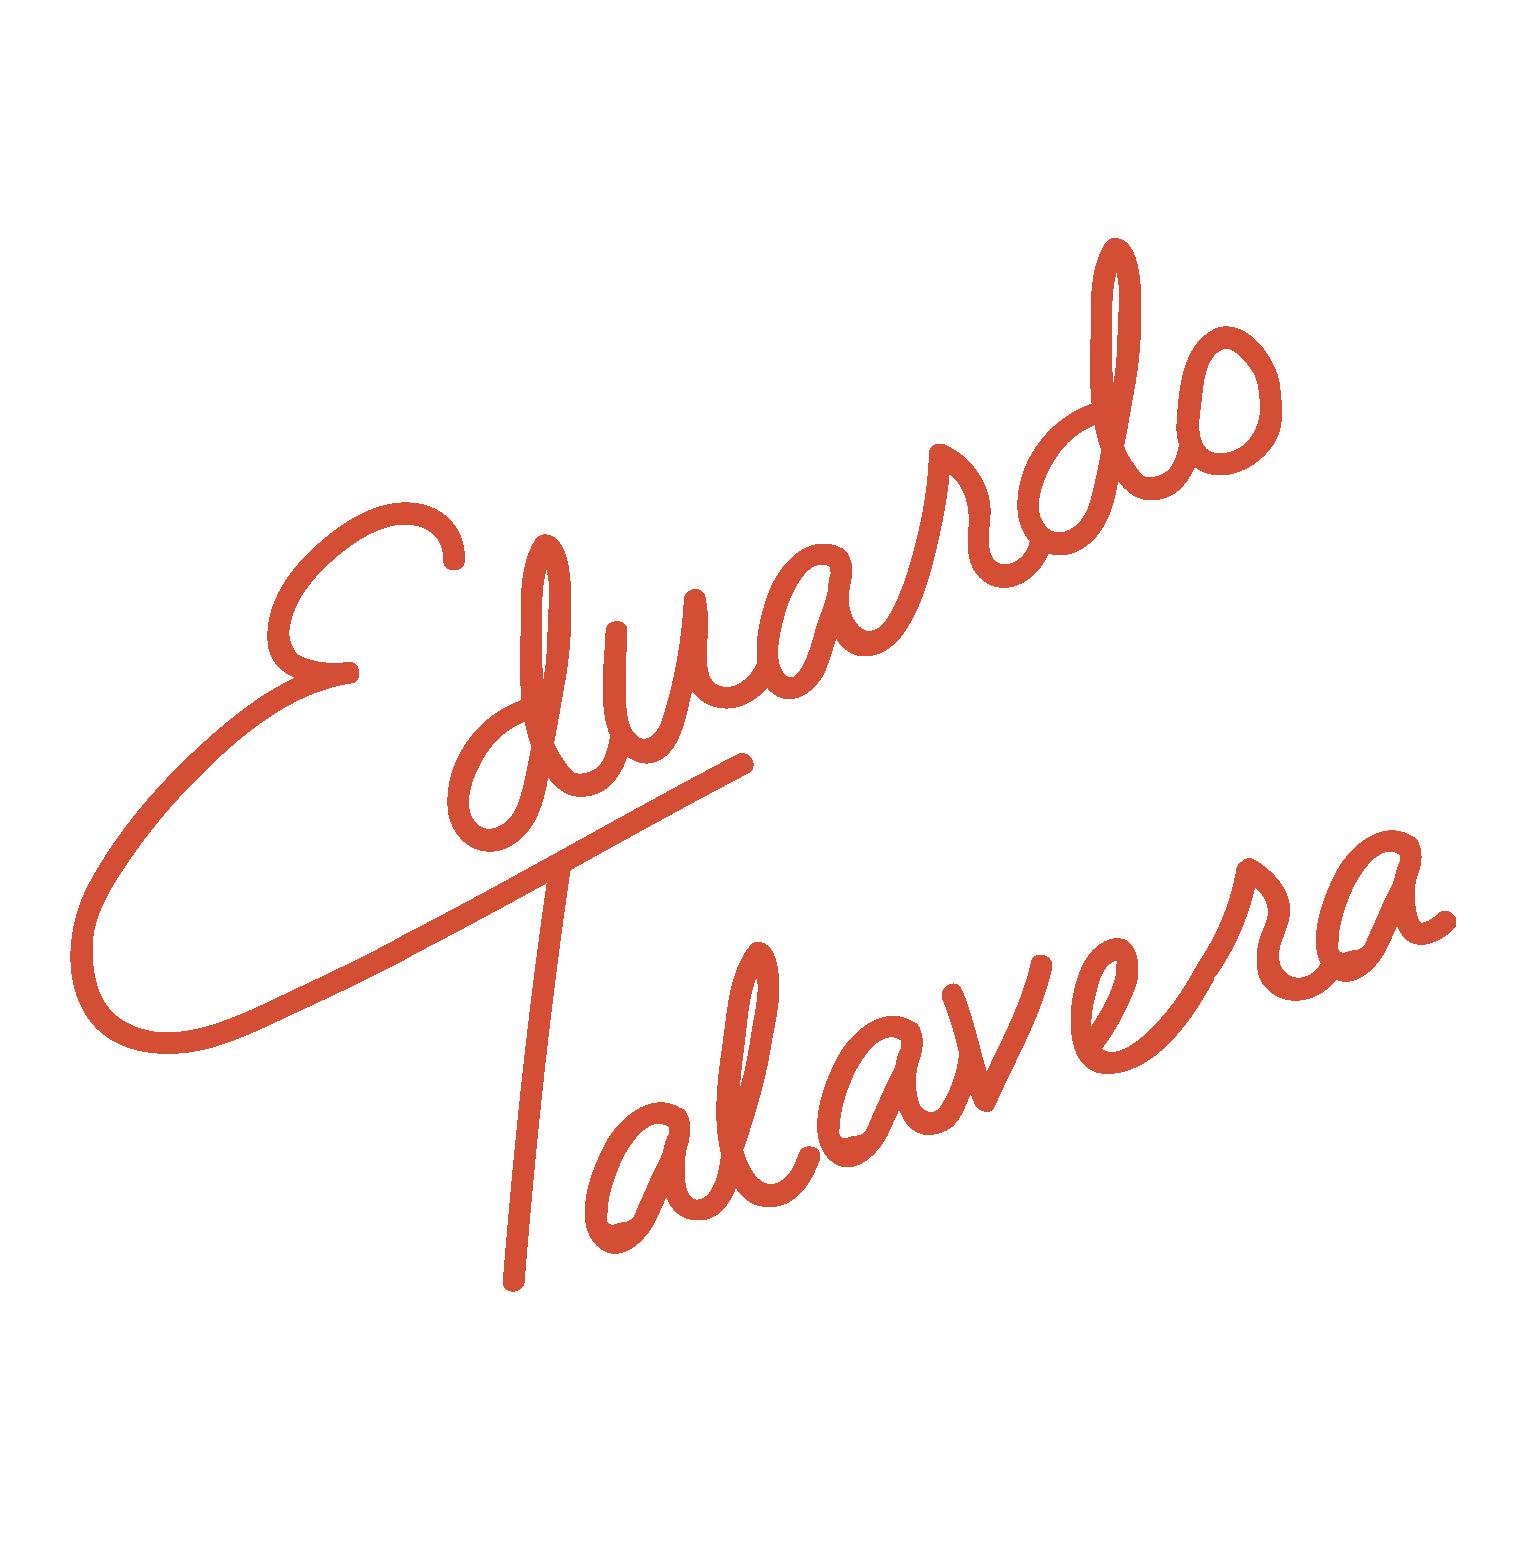 Eduardo Talavera